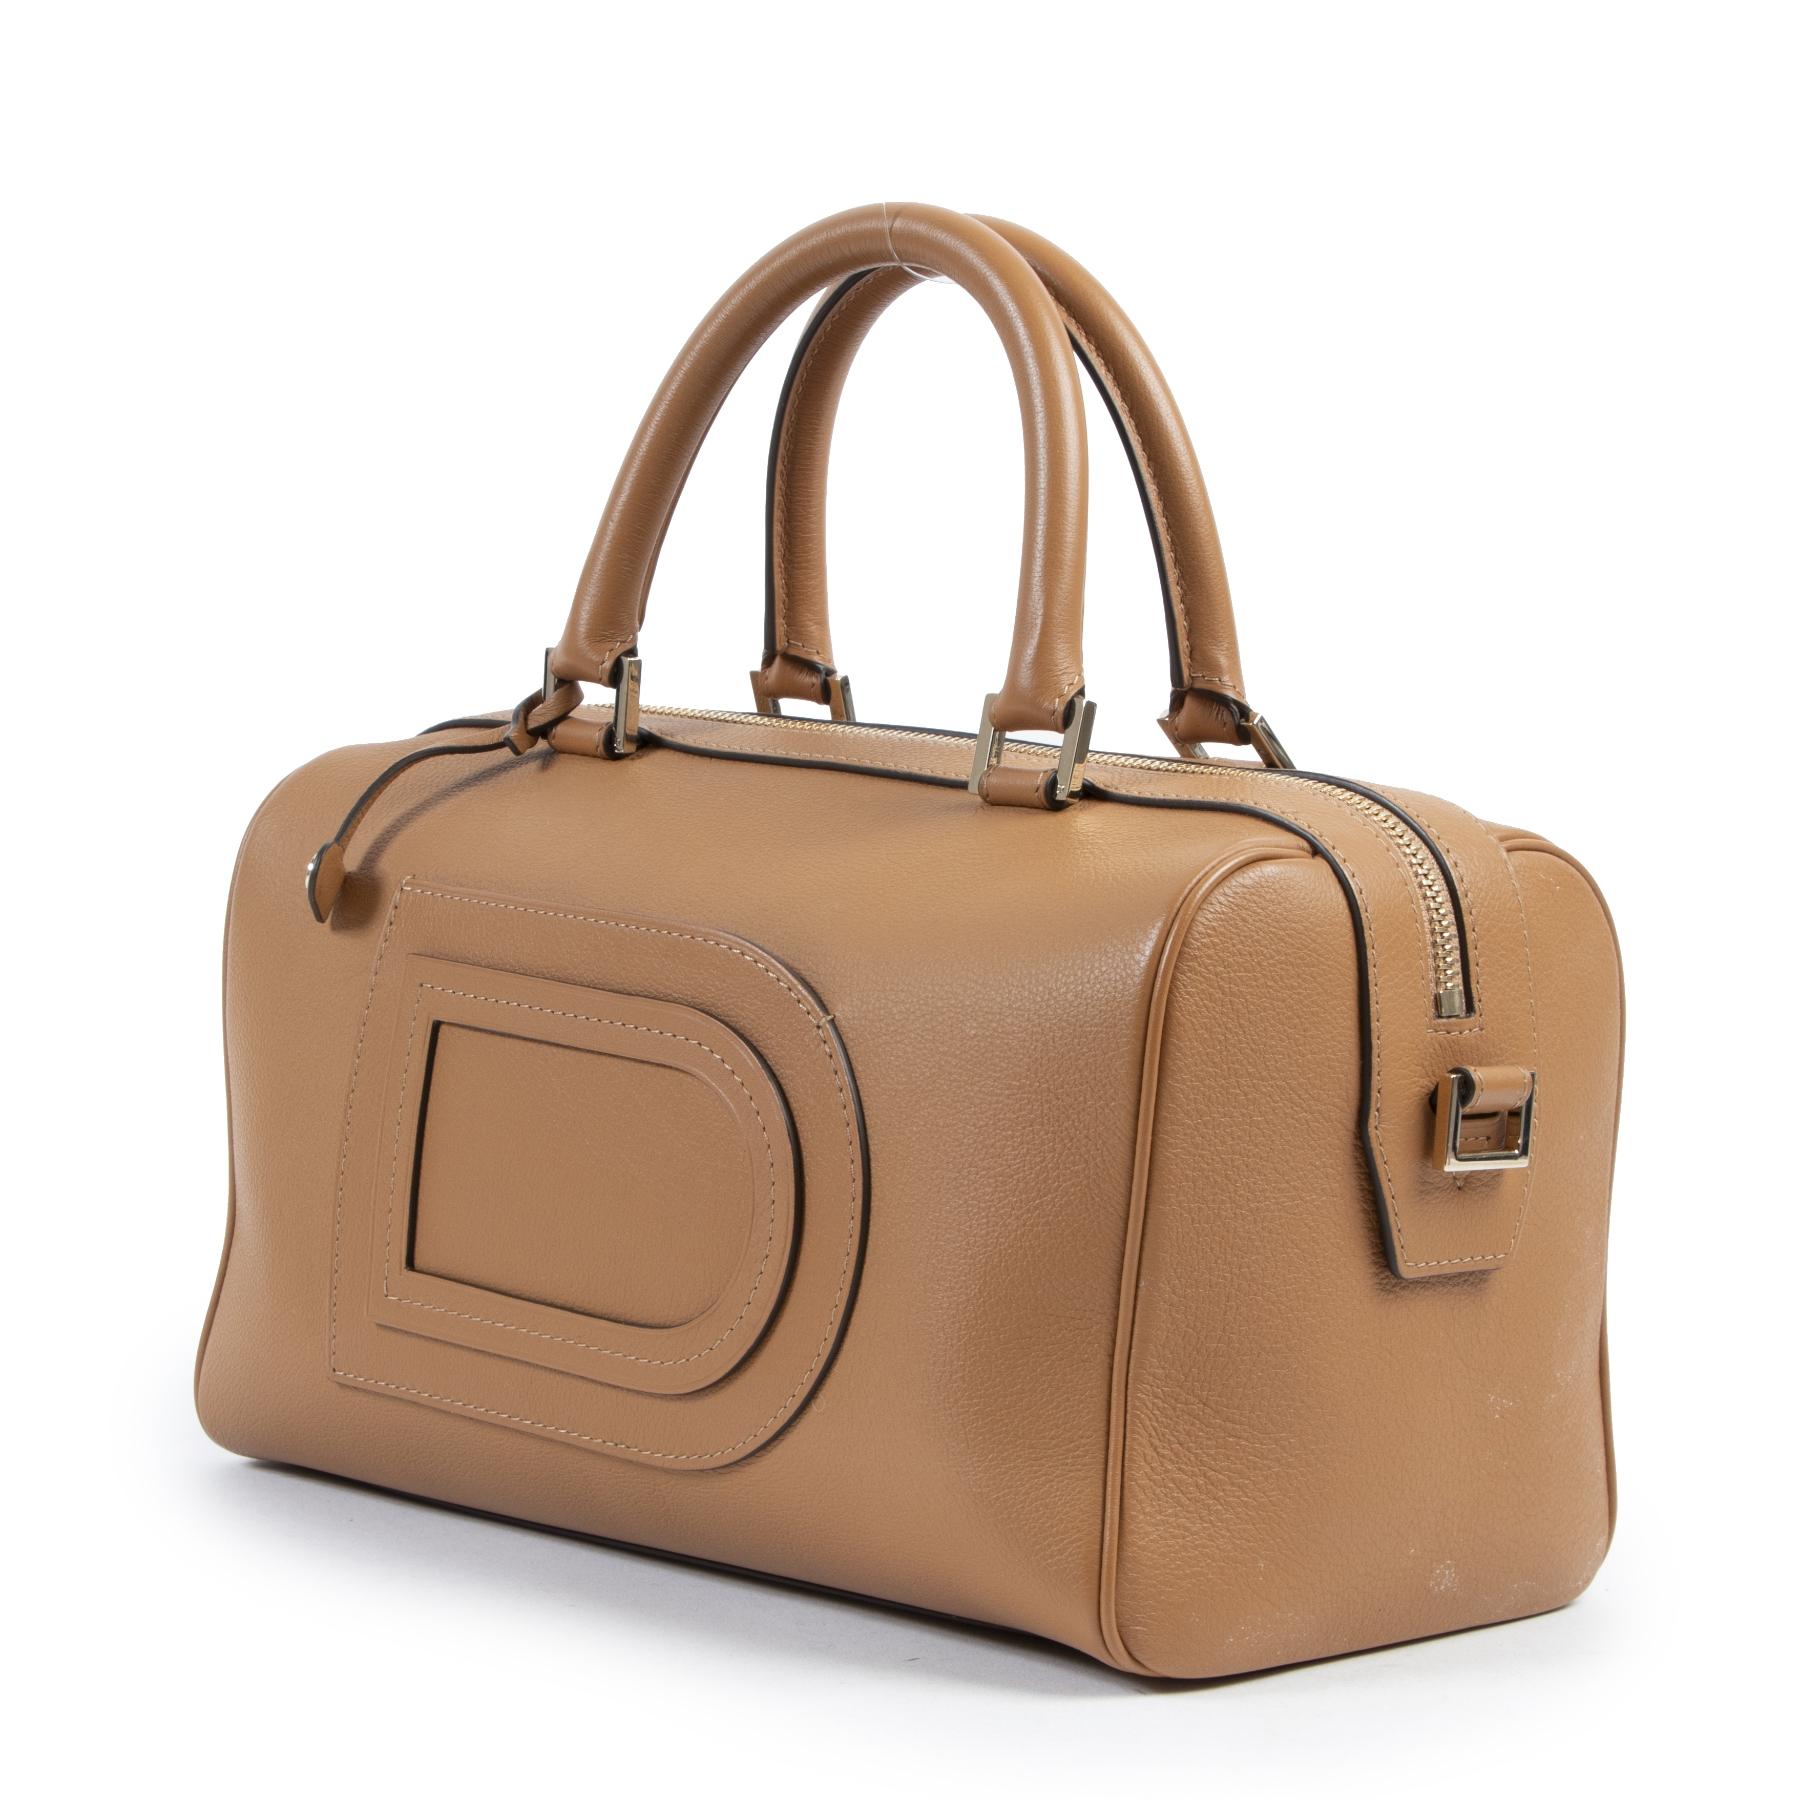 Delvaux Cognac Leather Boston Bag  shop safe online secondhand